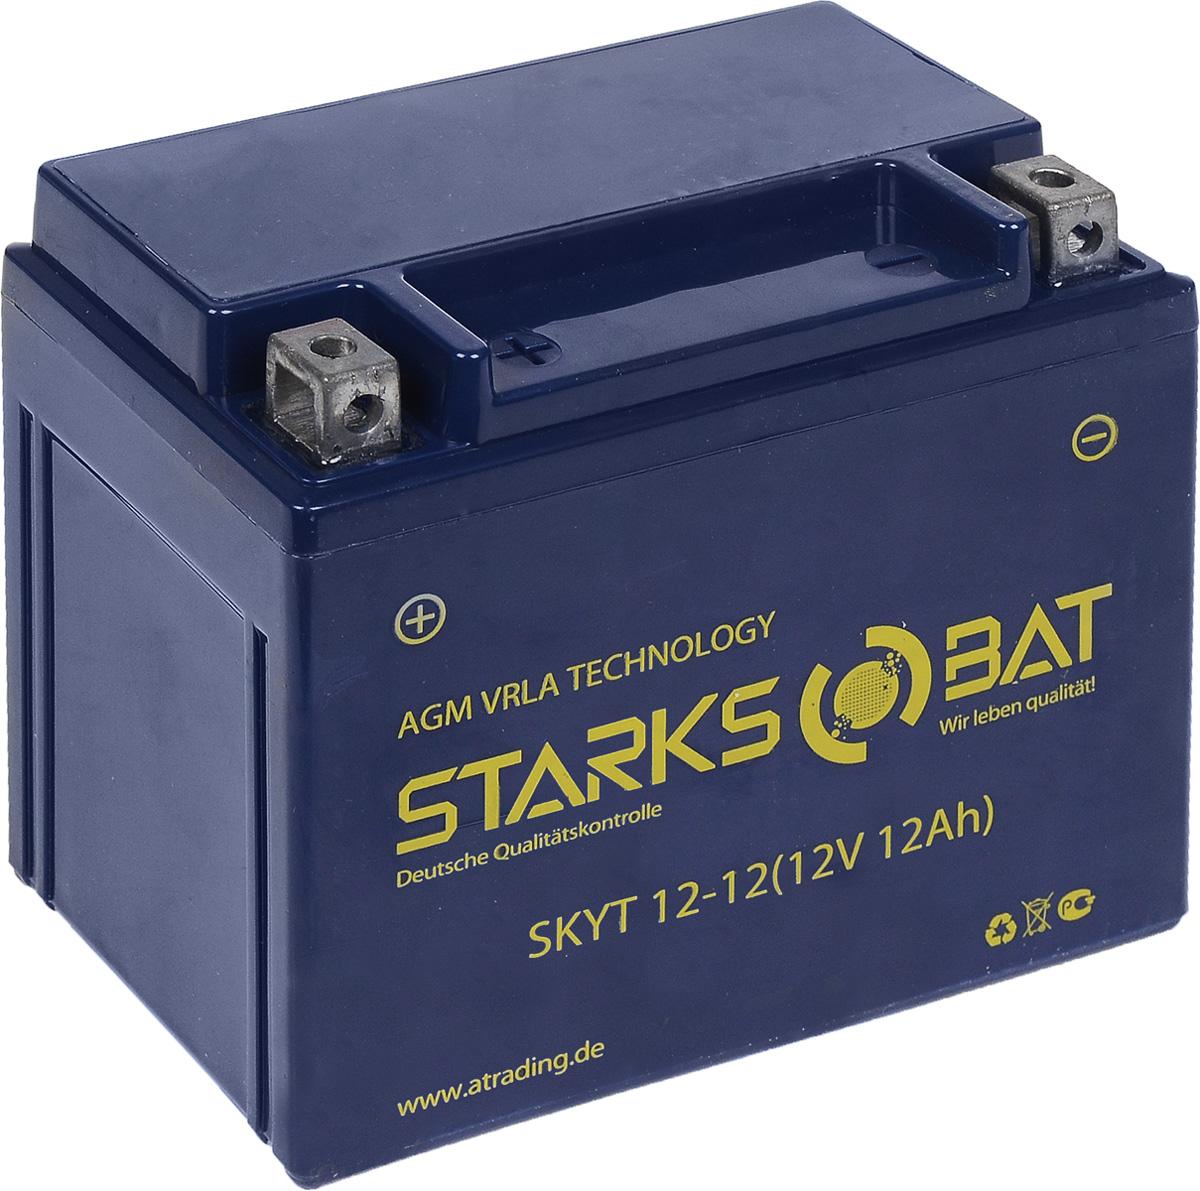 Батарея аккумуляторная для мотоциклов Starksbat. YT 12-12 (YTX14-BS)10503Аккумулятор Starksbat изготовлен по технологии AGM, обеспечивающей повышенный уровень безопасности батареи и удобство ее эксплуатации. Корпус выполнен из особо ударопрочного и морозостойкого полипропилена. Аккумулятор блестяще доказал свои высокие эксплуатационные свойства в самых экстремальных условиях бездорожья, высоких и низких температур.Аккумуляторная батарея Starksbat производится под знаменитым немецким контролем качества, что обеспечивает ему высокие пусковые характеристики и восстановление емкости даже после глубокого разряда.Напряжение: 12 В.Емкость: 12 Ач.Полярность: прямая (+ -).Ток холодной прокрутки: 155 Аh (EN).